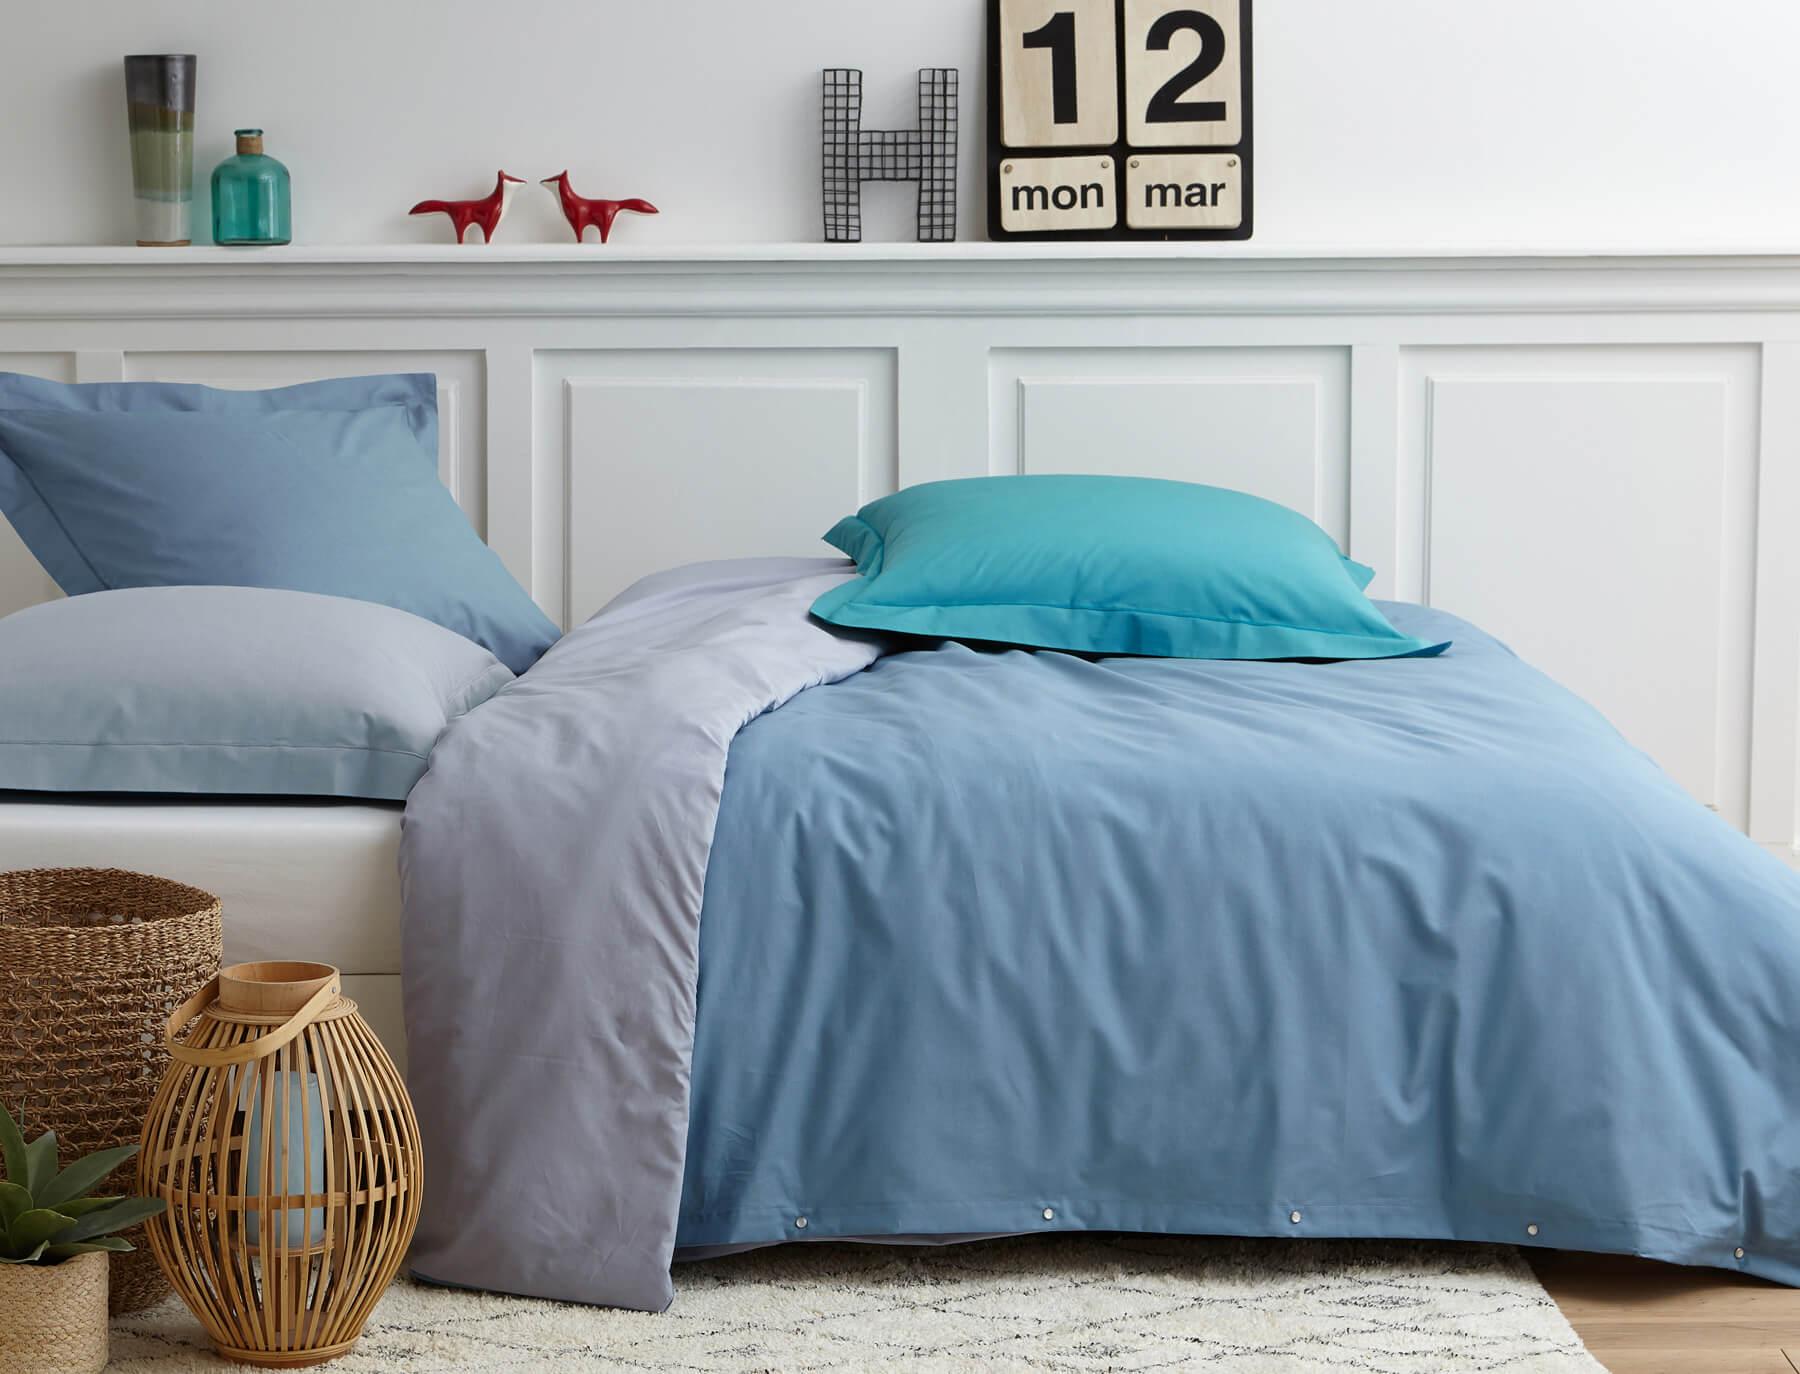 housse de couette fermeture facile good housse de couette fermeture clair roy saco nordico. Black Bedroom Furniture Sets. Home Design Ideas